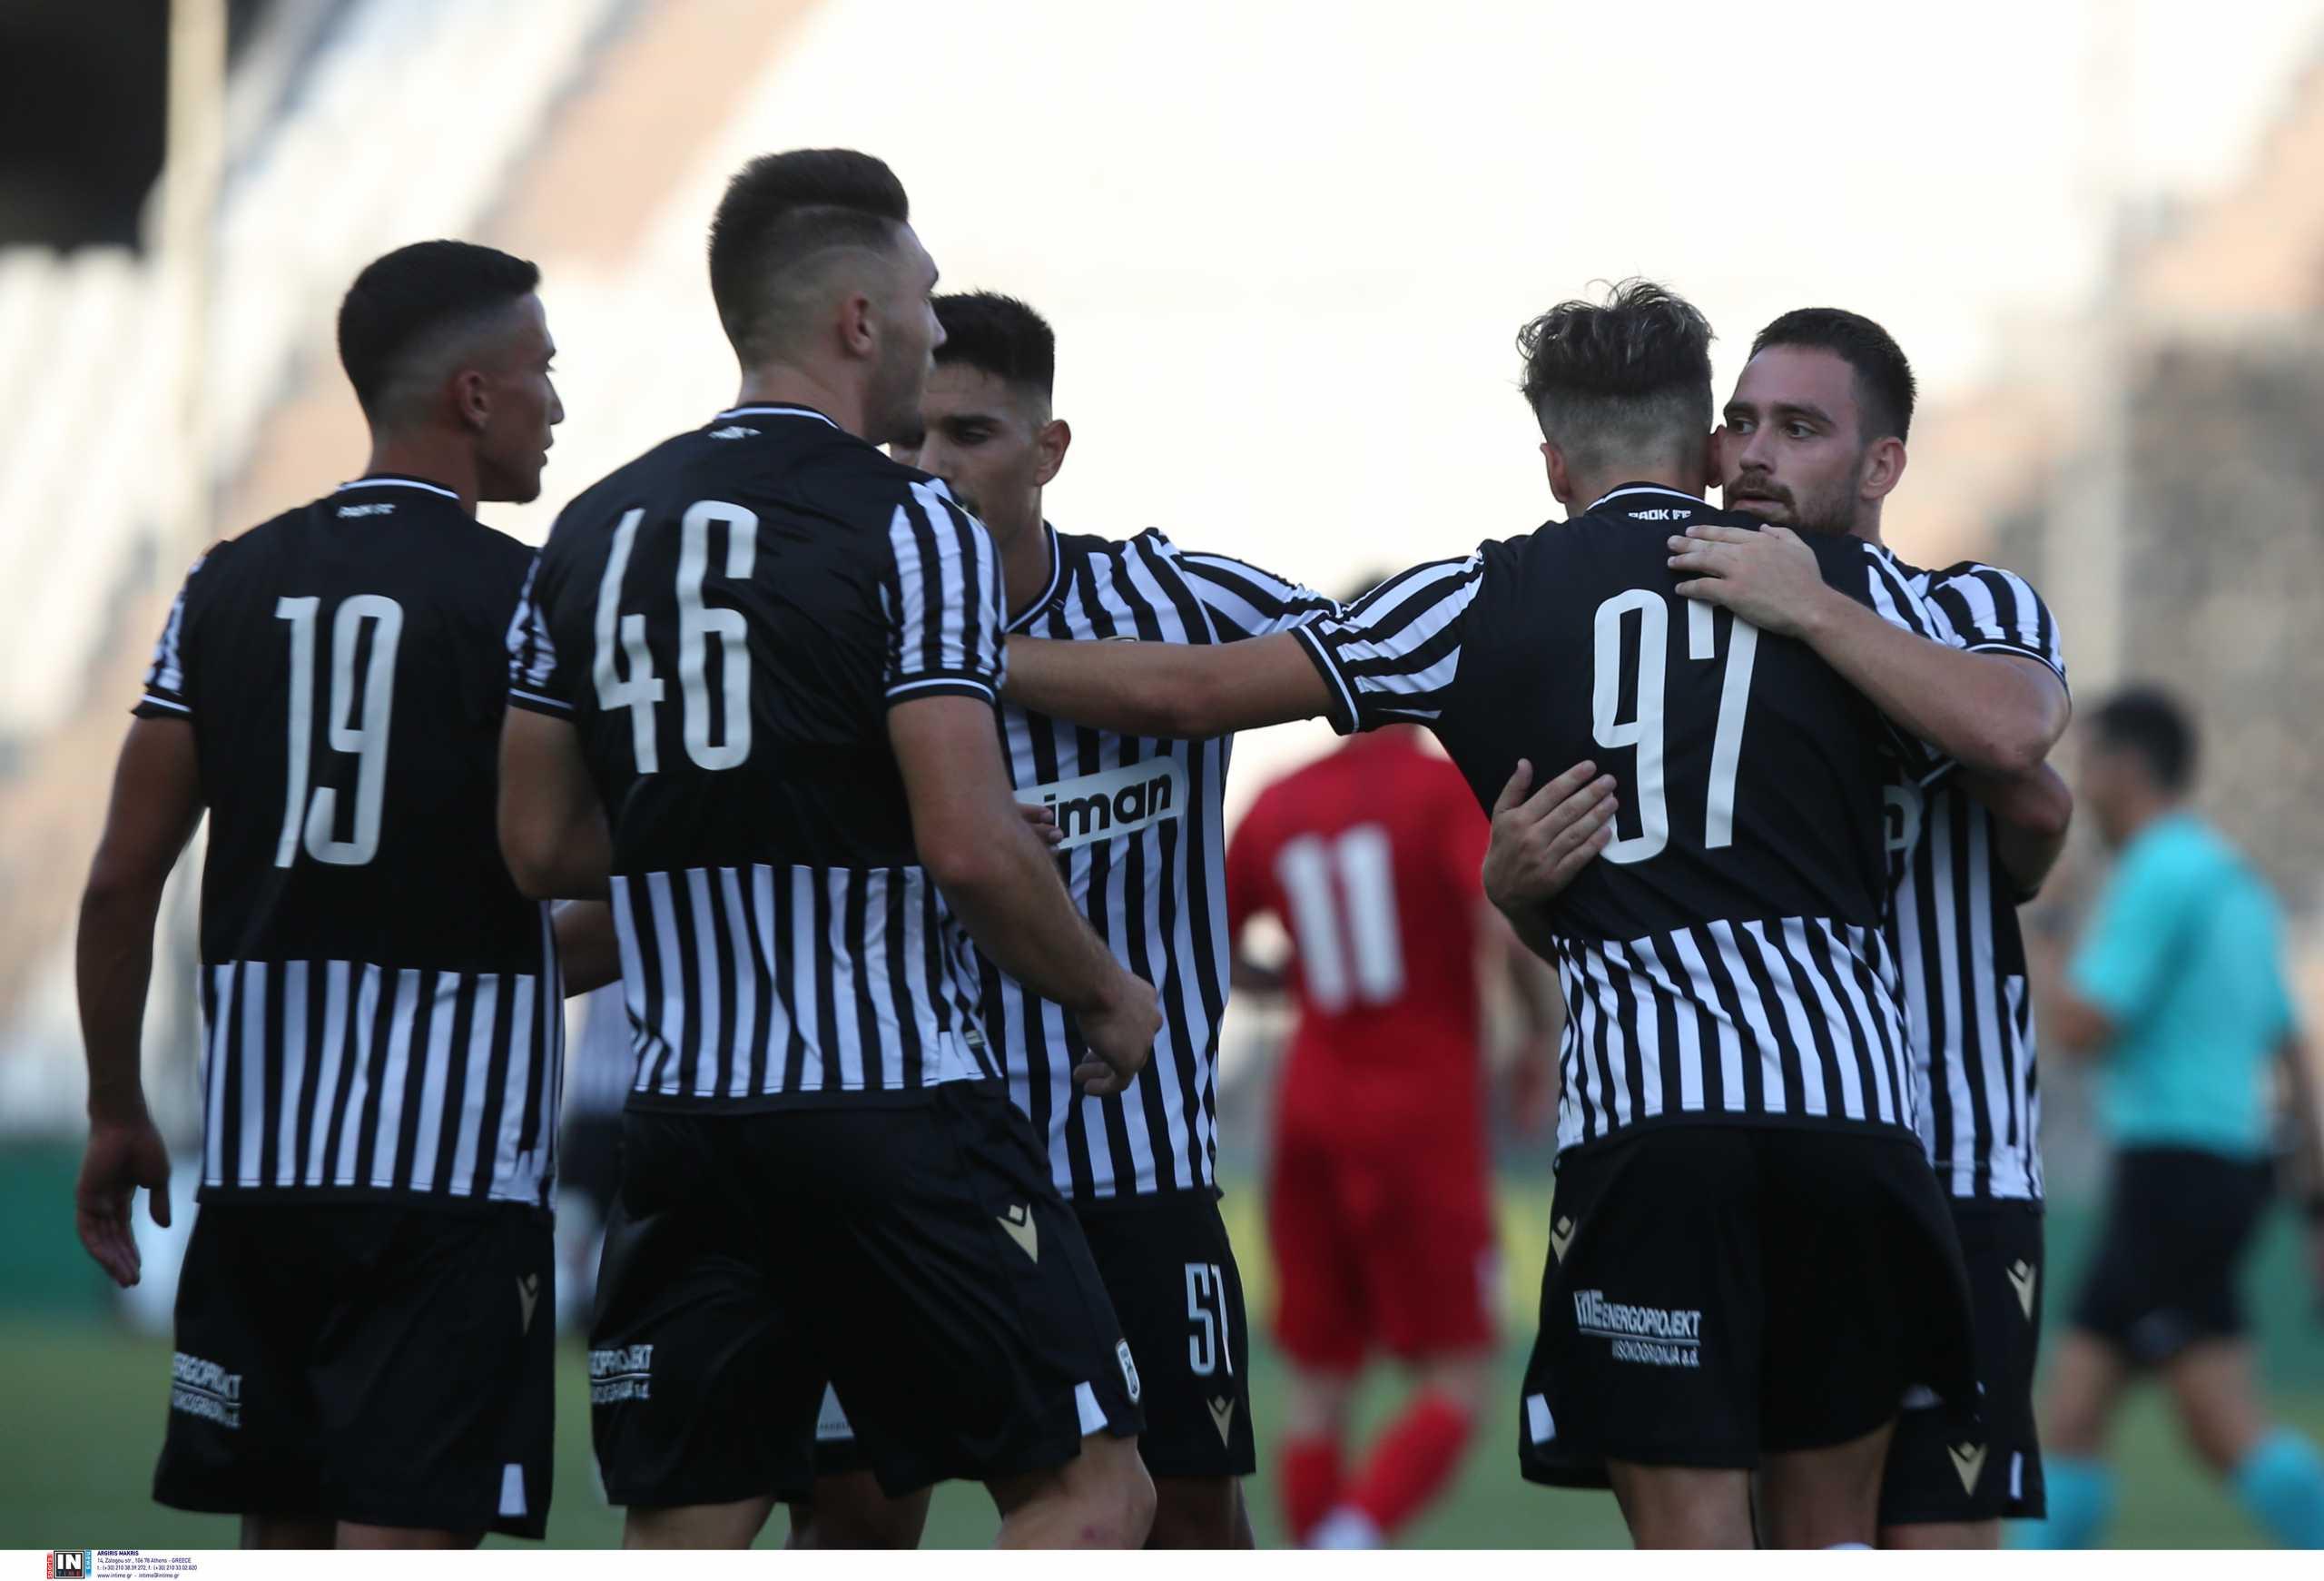 ΠΑΟΚ – Βόλος 3-1: Ανατροπή και εύκολη νίκη στο πρώτο φιλικό